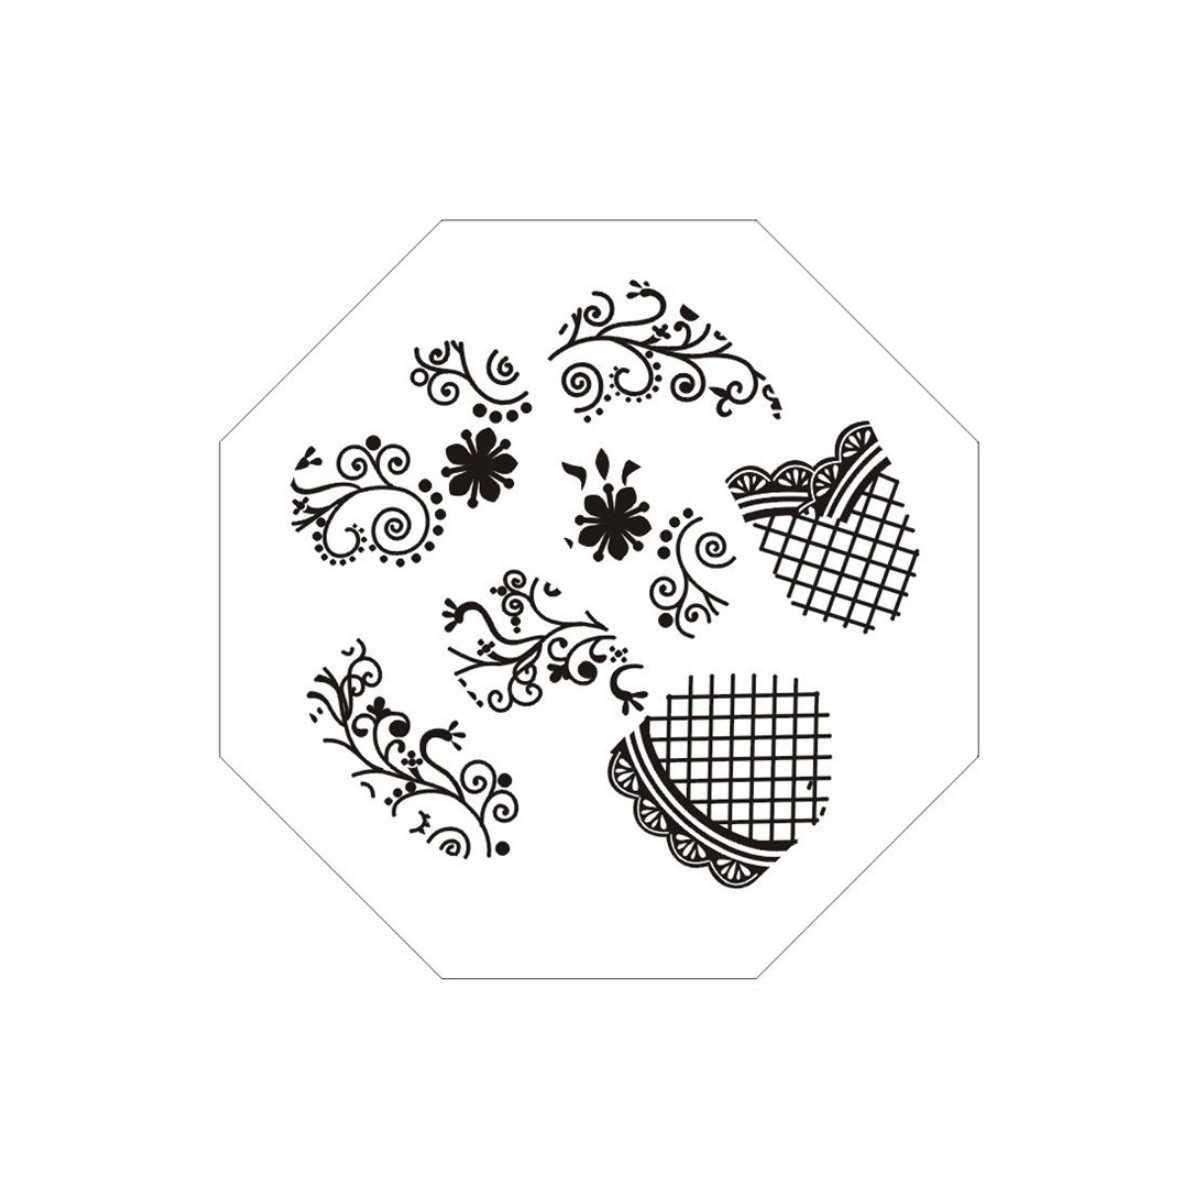 https://www.kit-manucure.com/2156-thickbox_default/plaque-de-stamping-végétation-fleurs-et-quadrillage.jpg